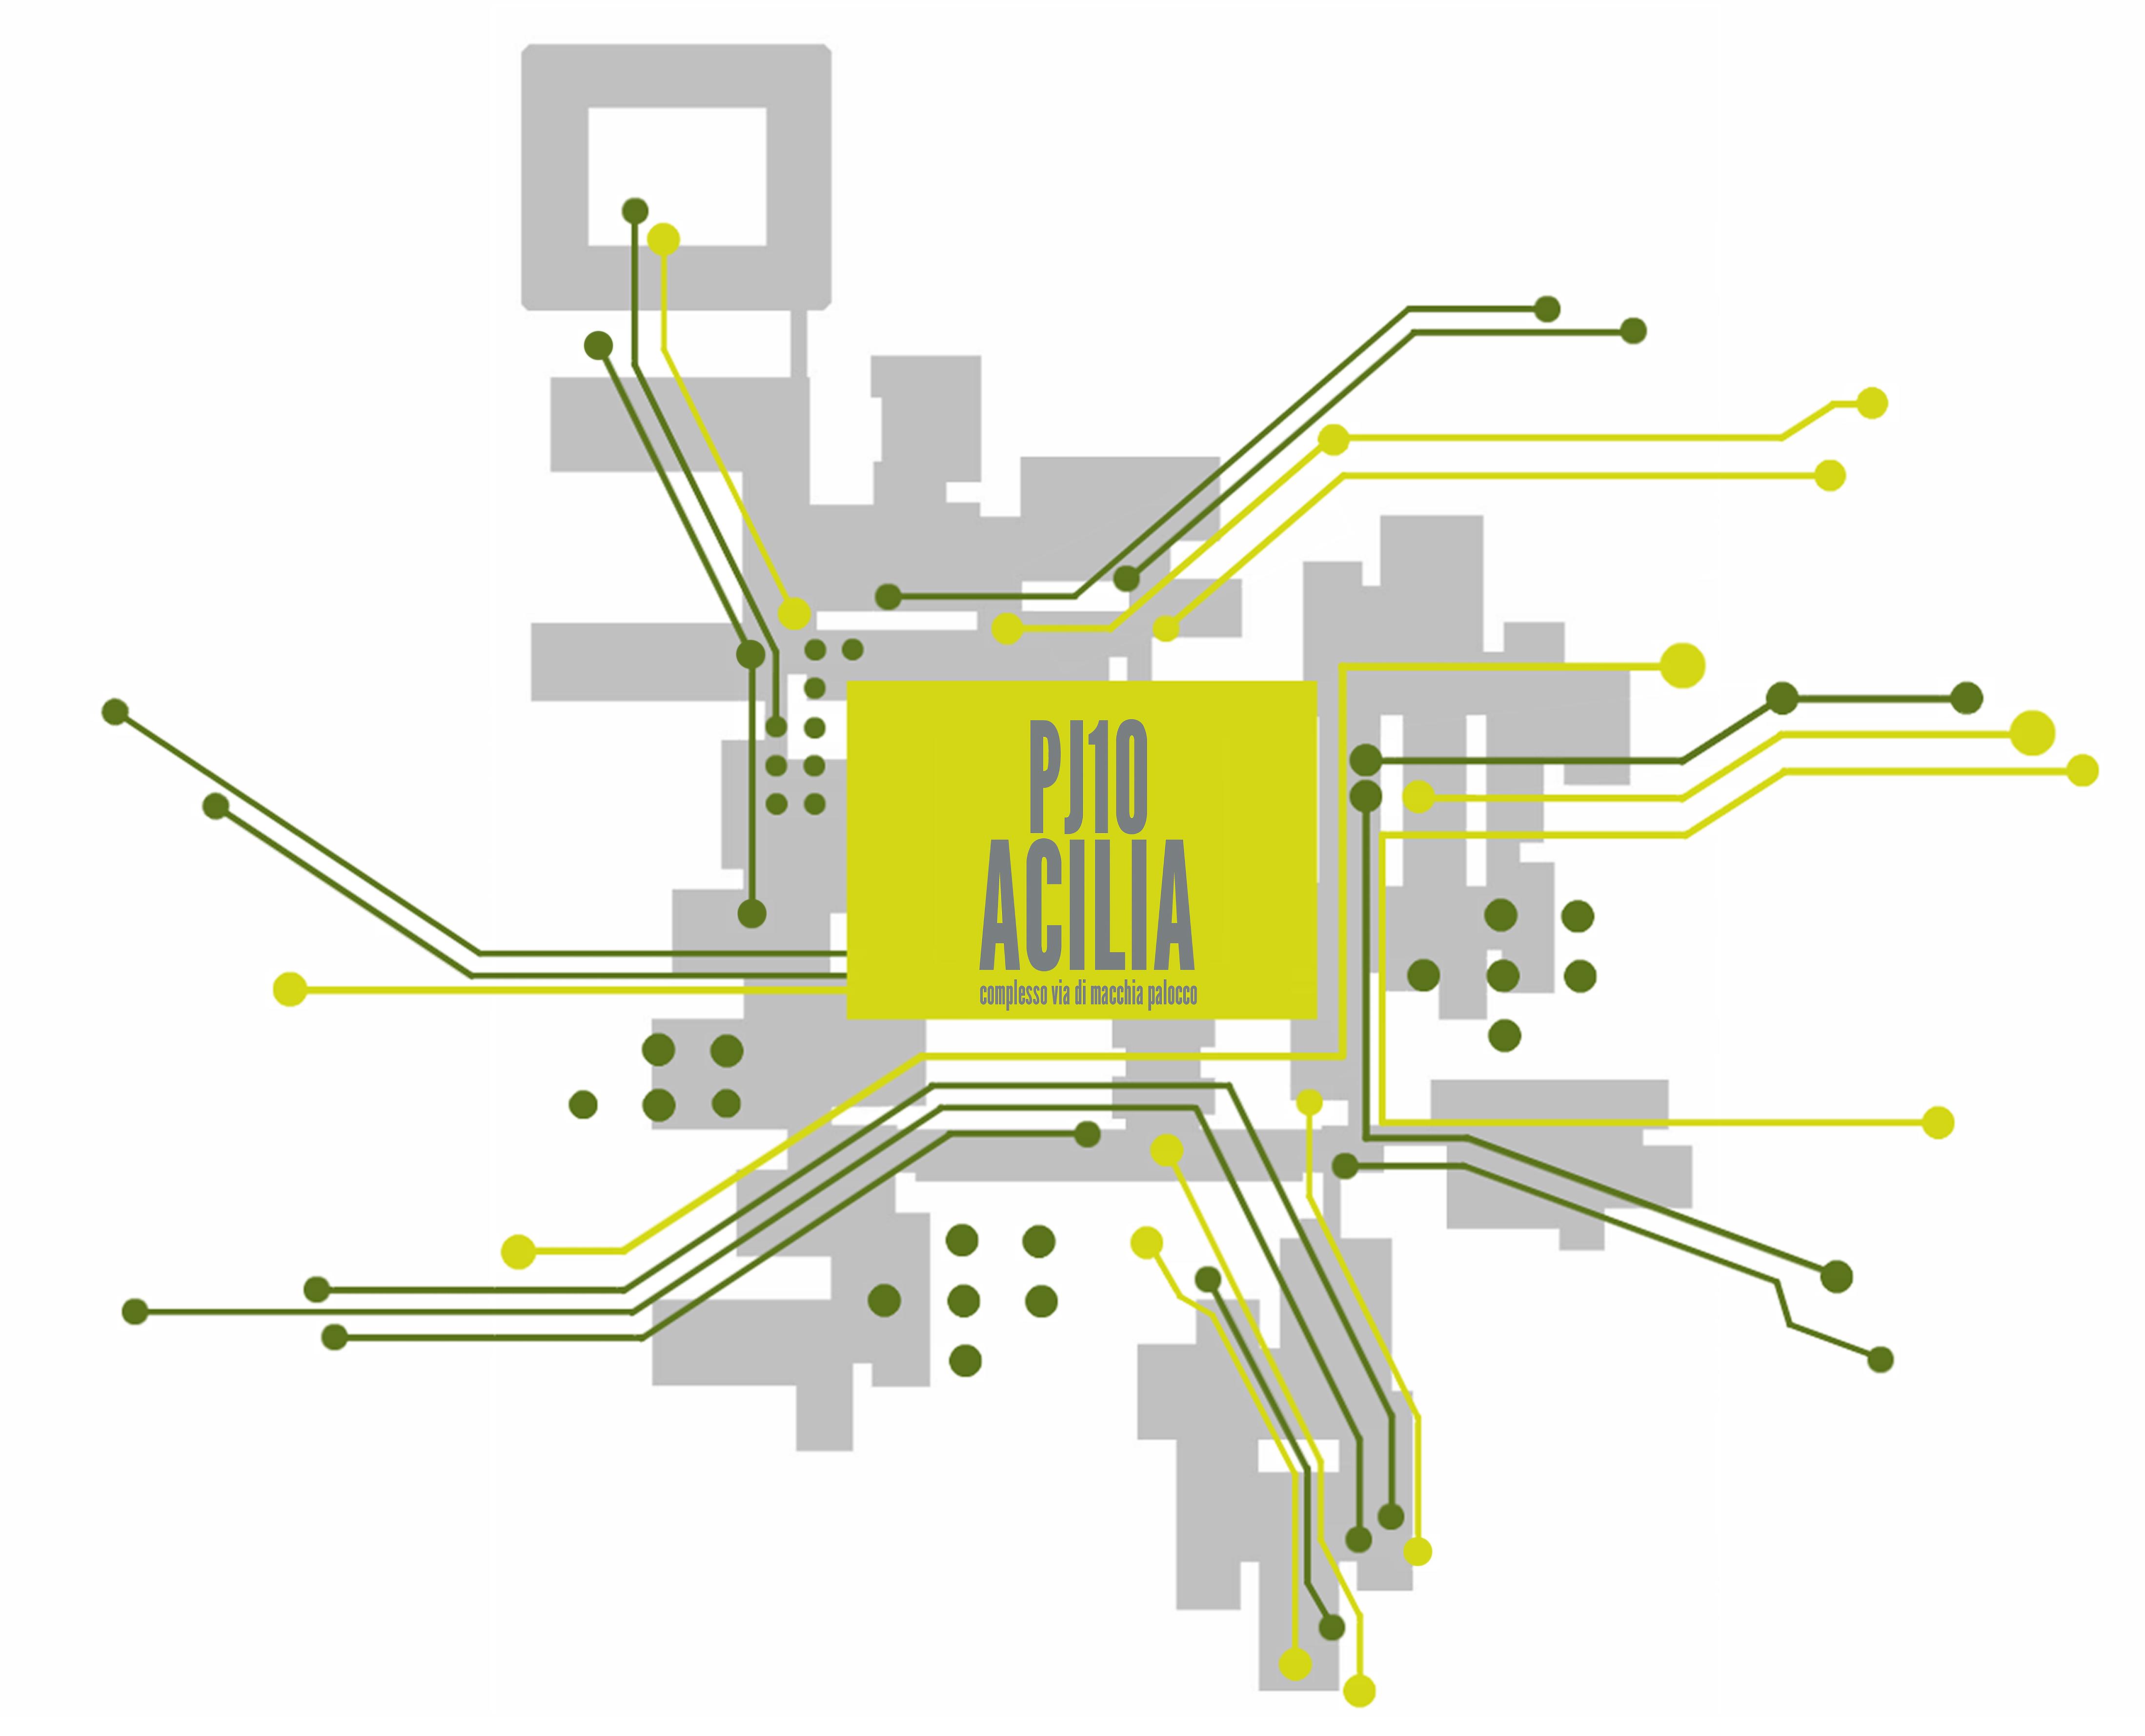 ACILIA PJ10 | ROMA - La SIA srl